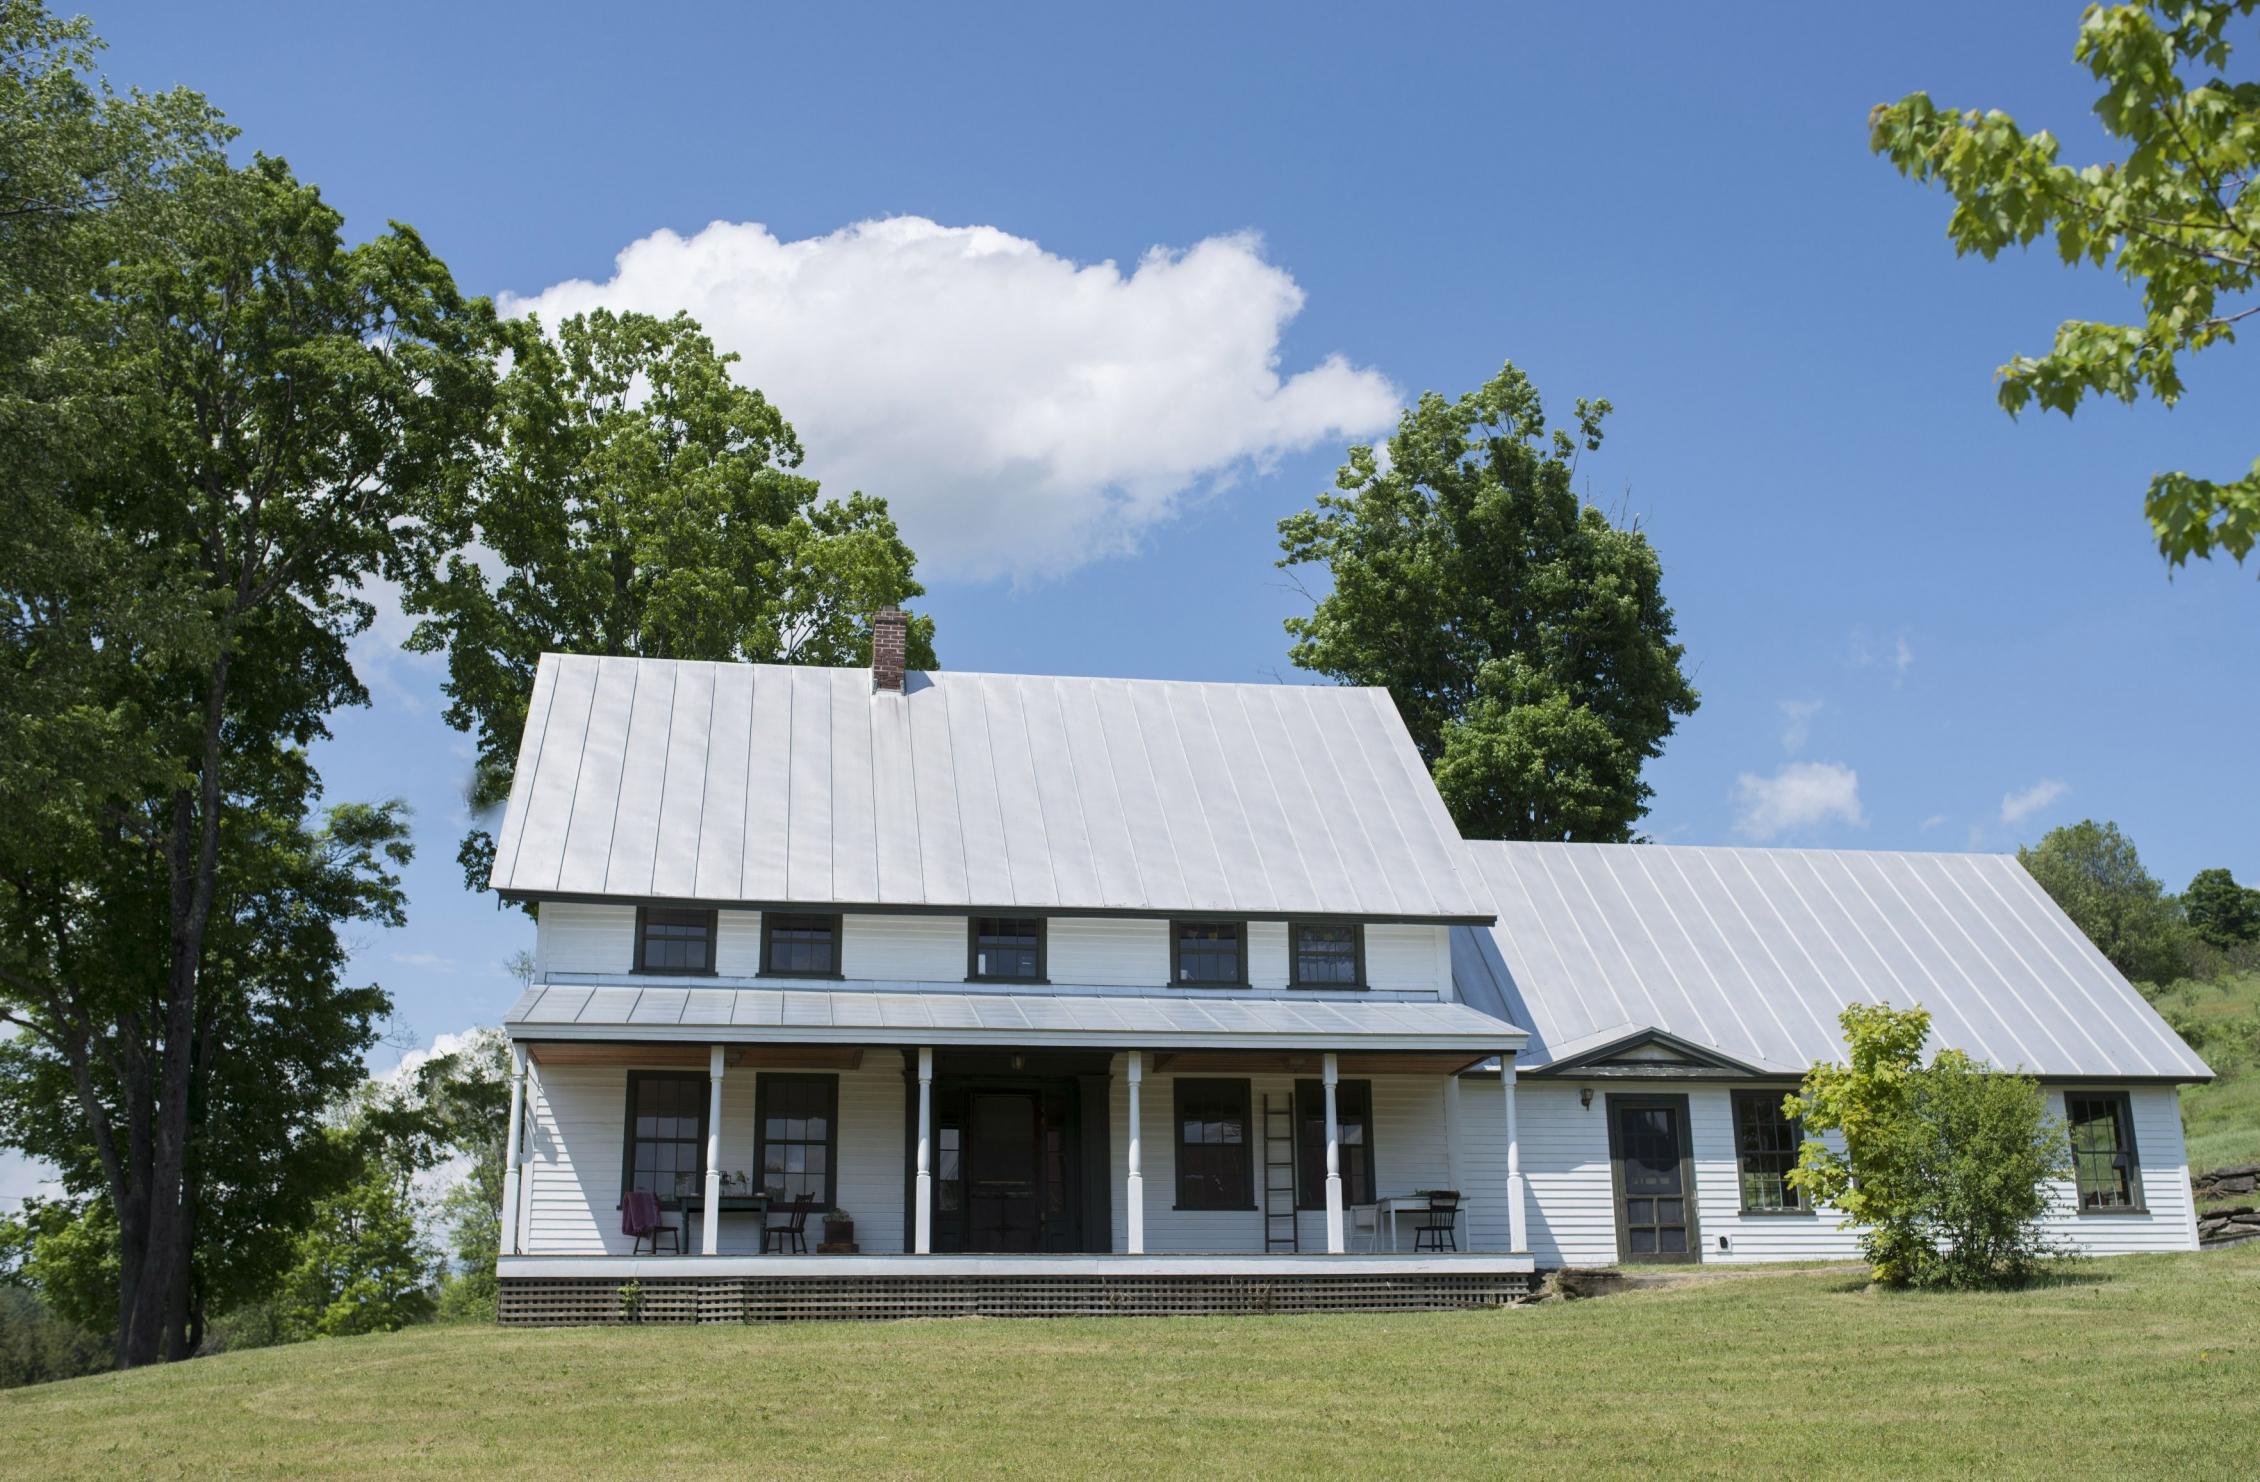 Maison unifamiliale pour l Vente à 1681 Crocker Road, Randolph 1681 Crocker Rd Randolph, Vermont 05061 États-Unis